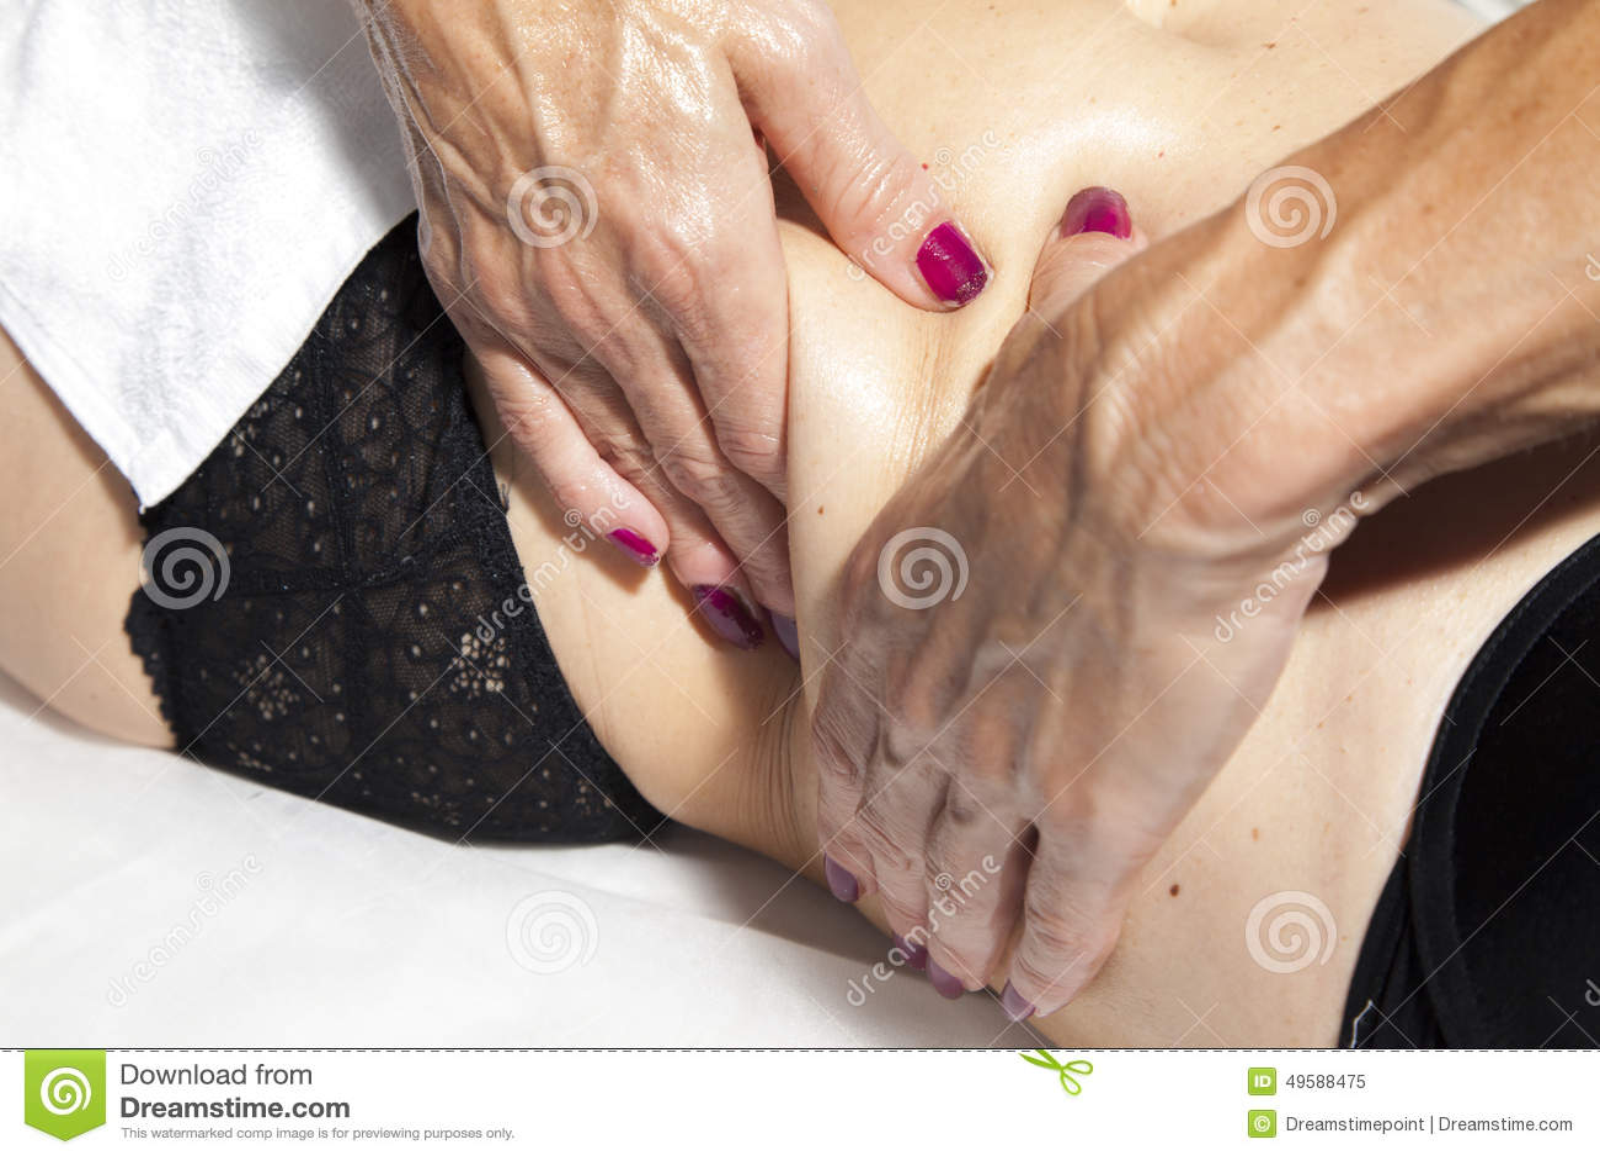 Beauté et anti massage de cellulites